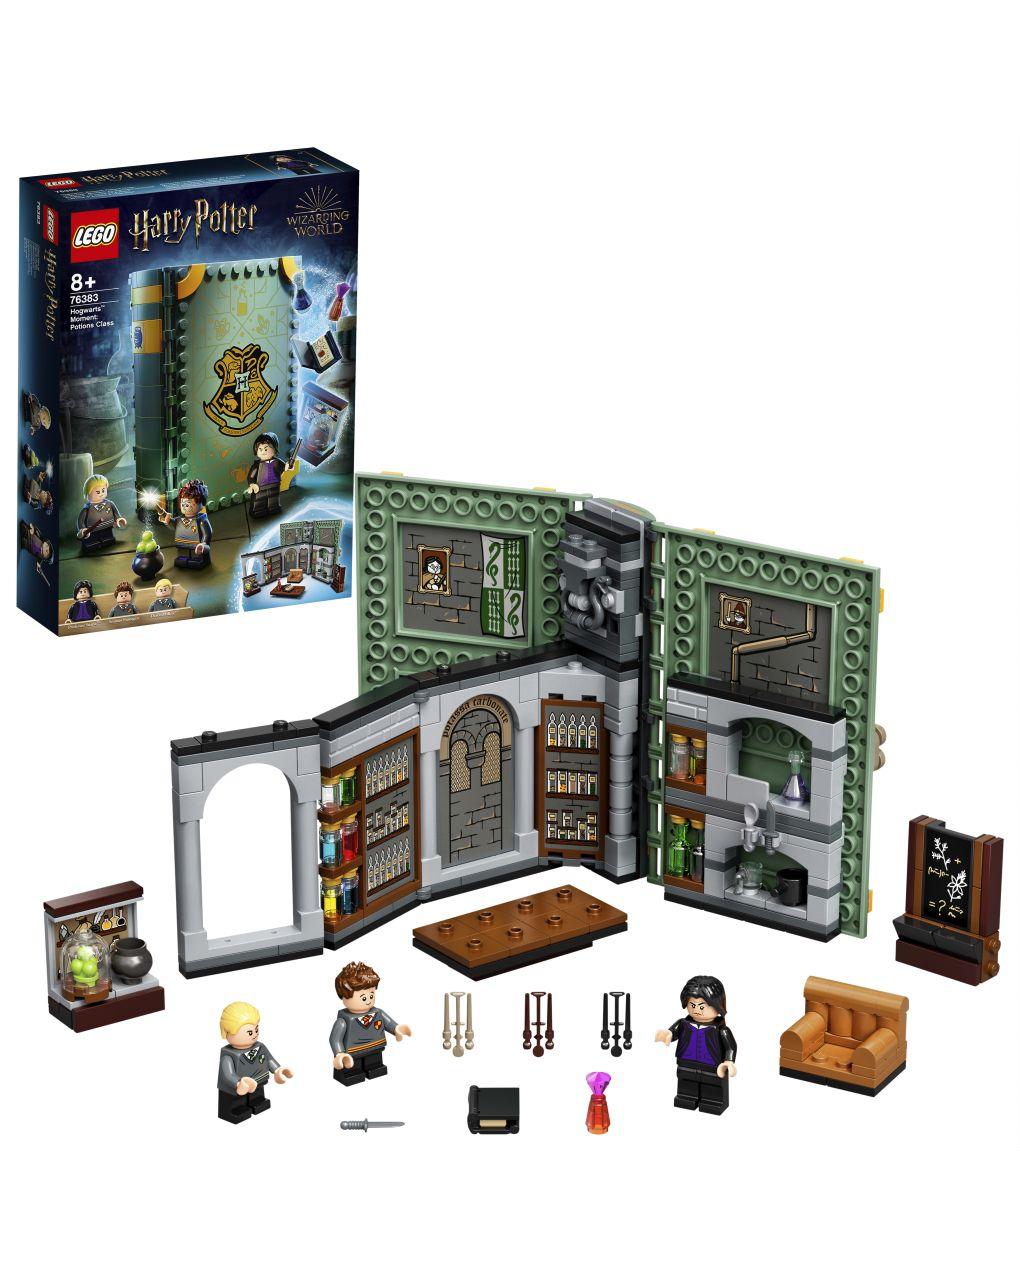 Lego harry potter tm - aula de poções em hogwarts ™ - 76383 - LEGO